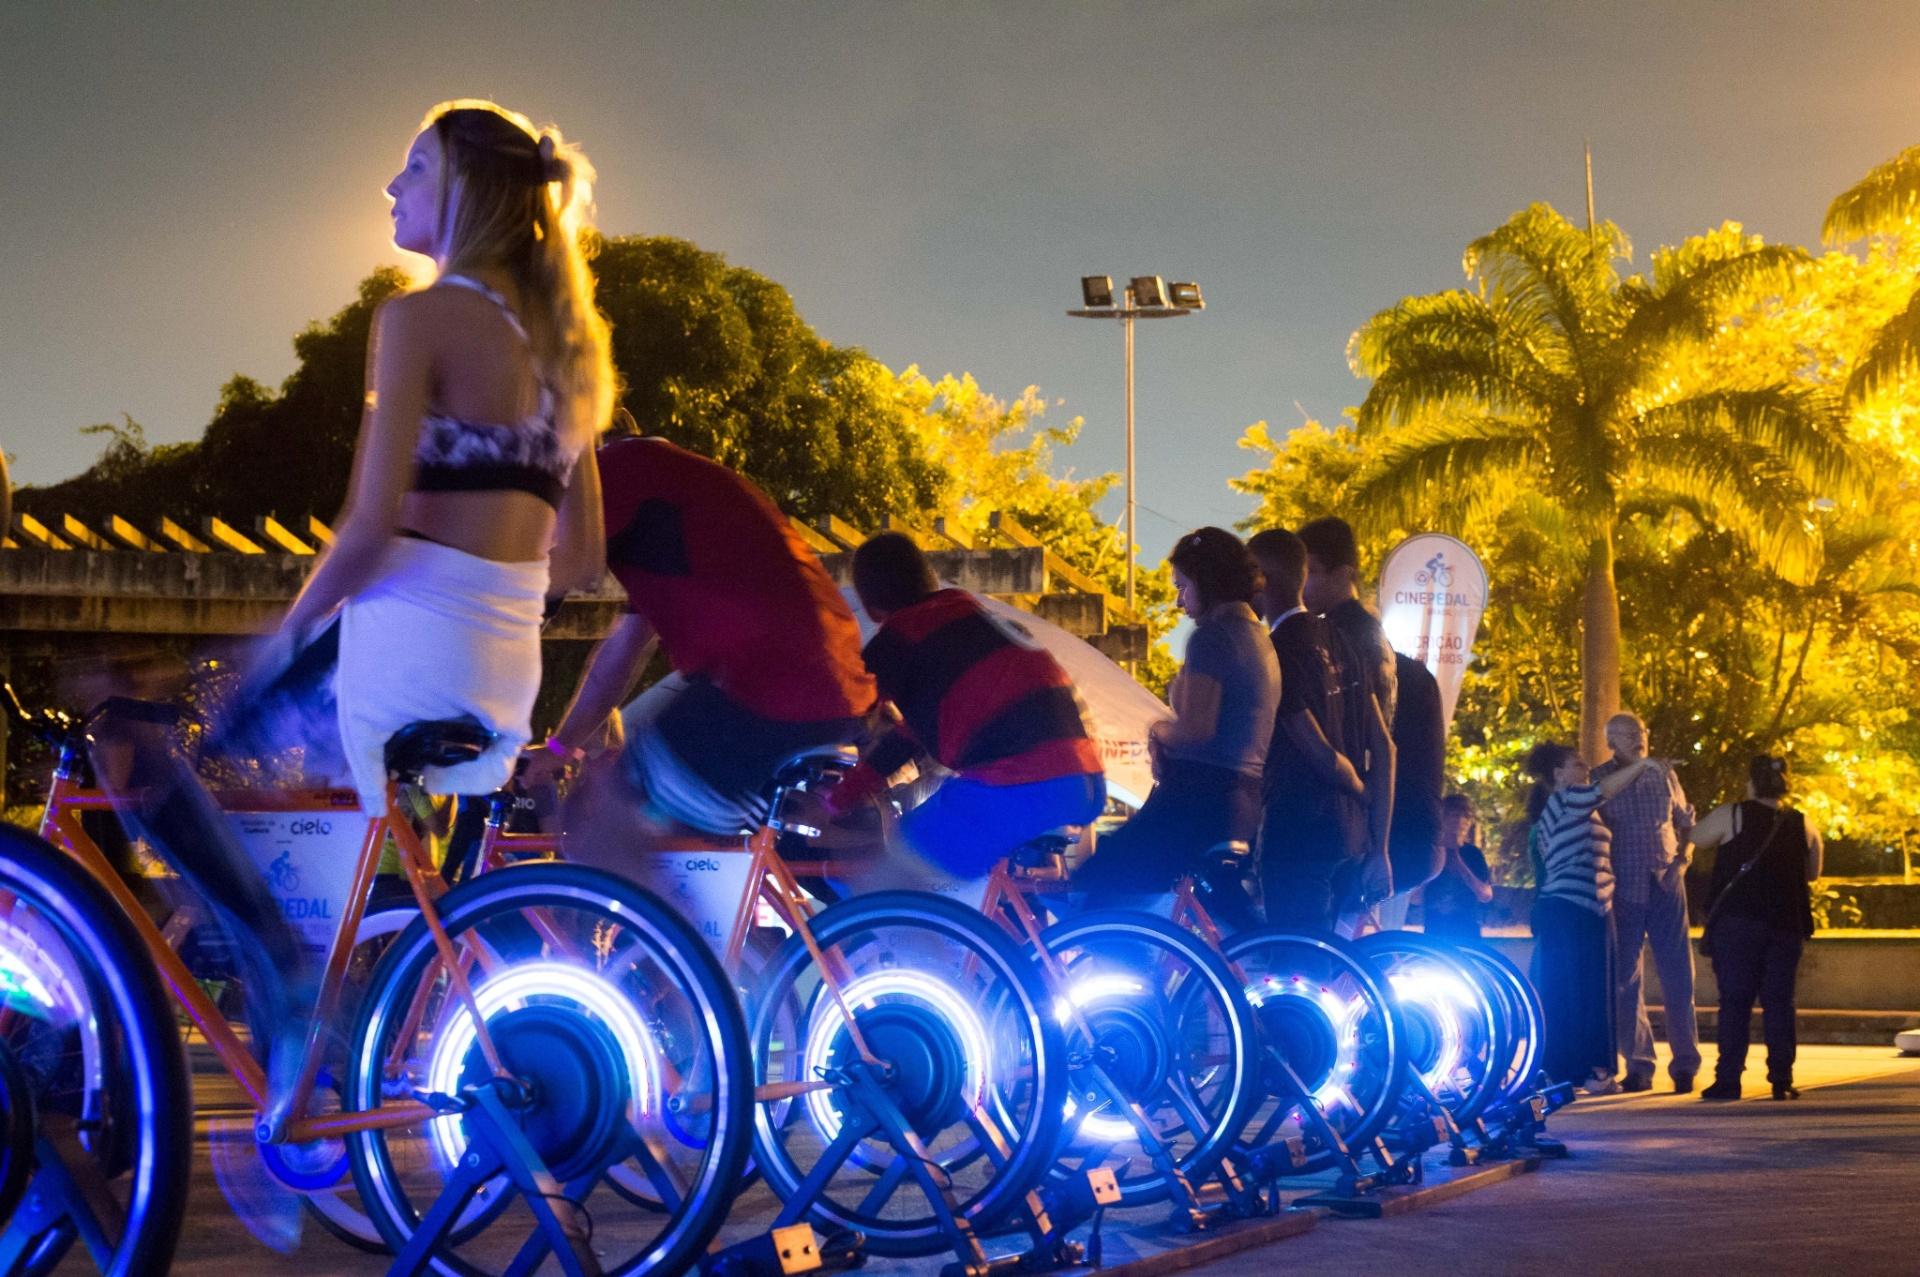 21.mai.2016 - Pessoas pedalam para gerar energia elétrica durante a primeira edição do Cine Pedal Brasil,na Lagoa Rodrigo de Freitas, no Parque dos Patins, Rio de Janeiro. Com objetivo de incentivar a mobilidade, o projeto ocupa praças públicas exibindo filmes projetados a partir da energia gerada por meio de bicicletas